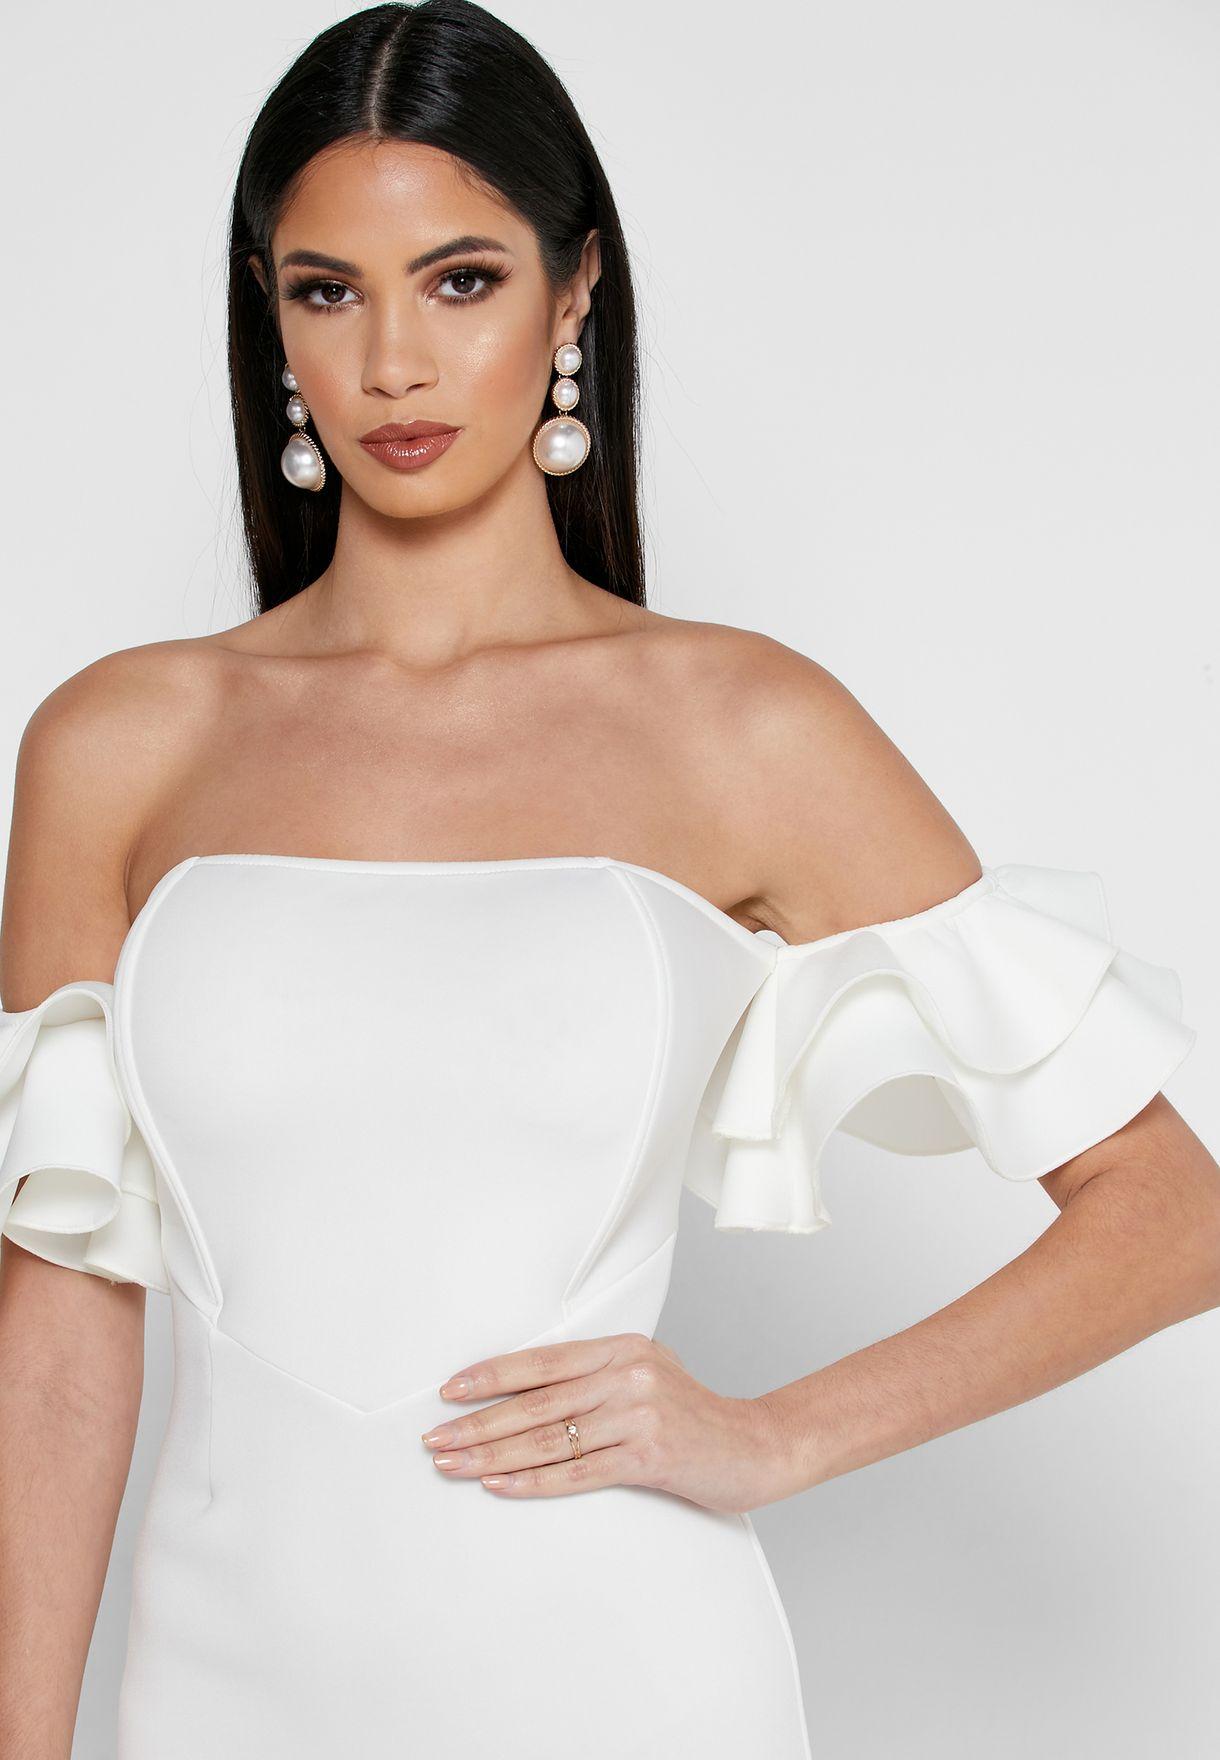 فستان يكشف الاكتاف بأطراف غير متماثلة الطول